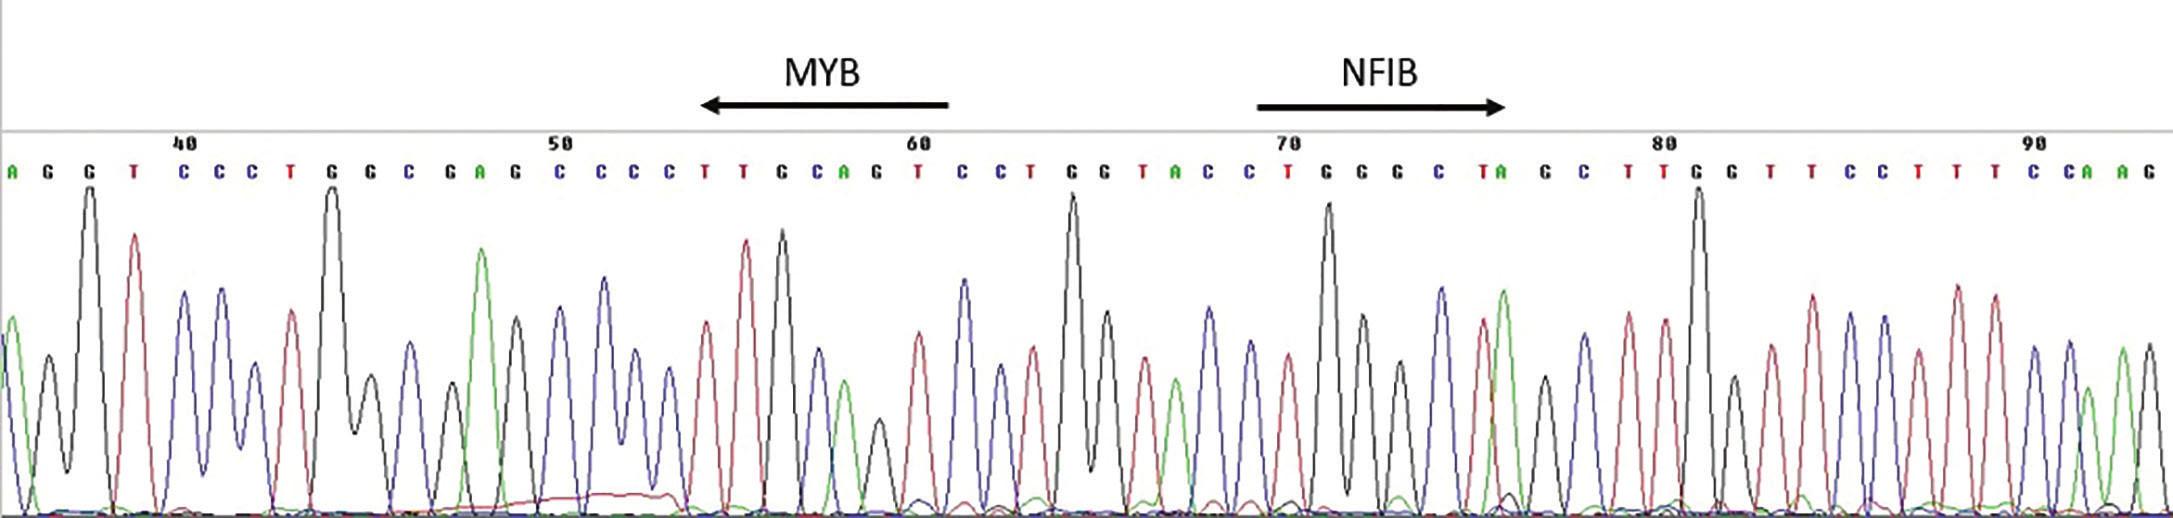 Výsledek sekvenace amplifikačního produktu RT-PCR k průkazu fúzního transkriptu MYB-NFIB.